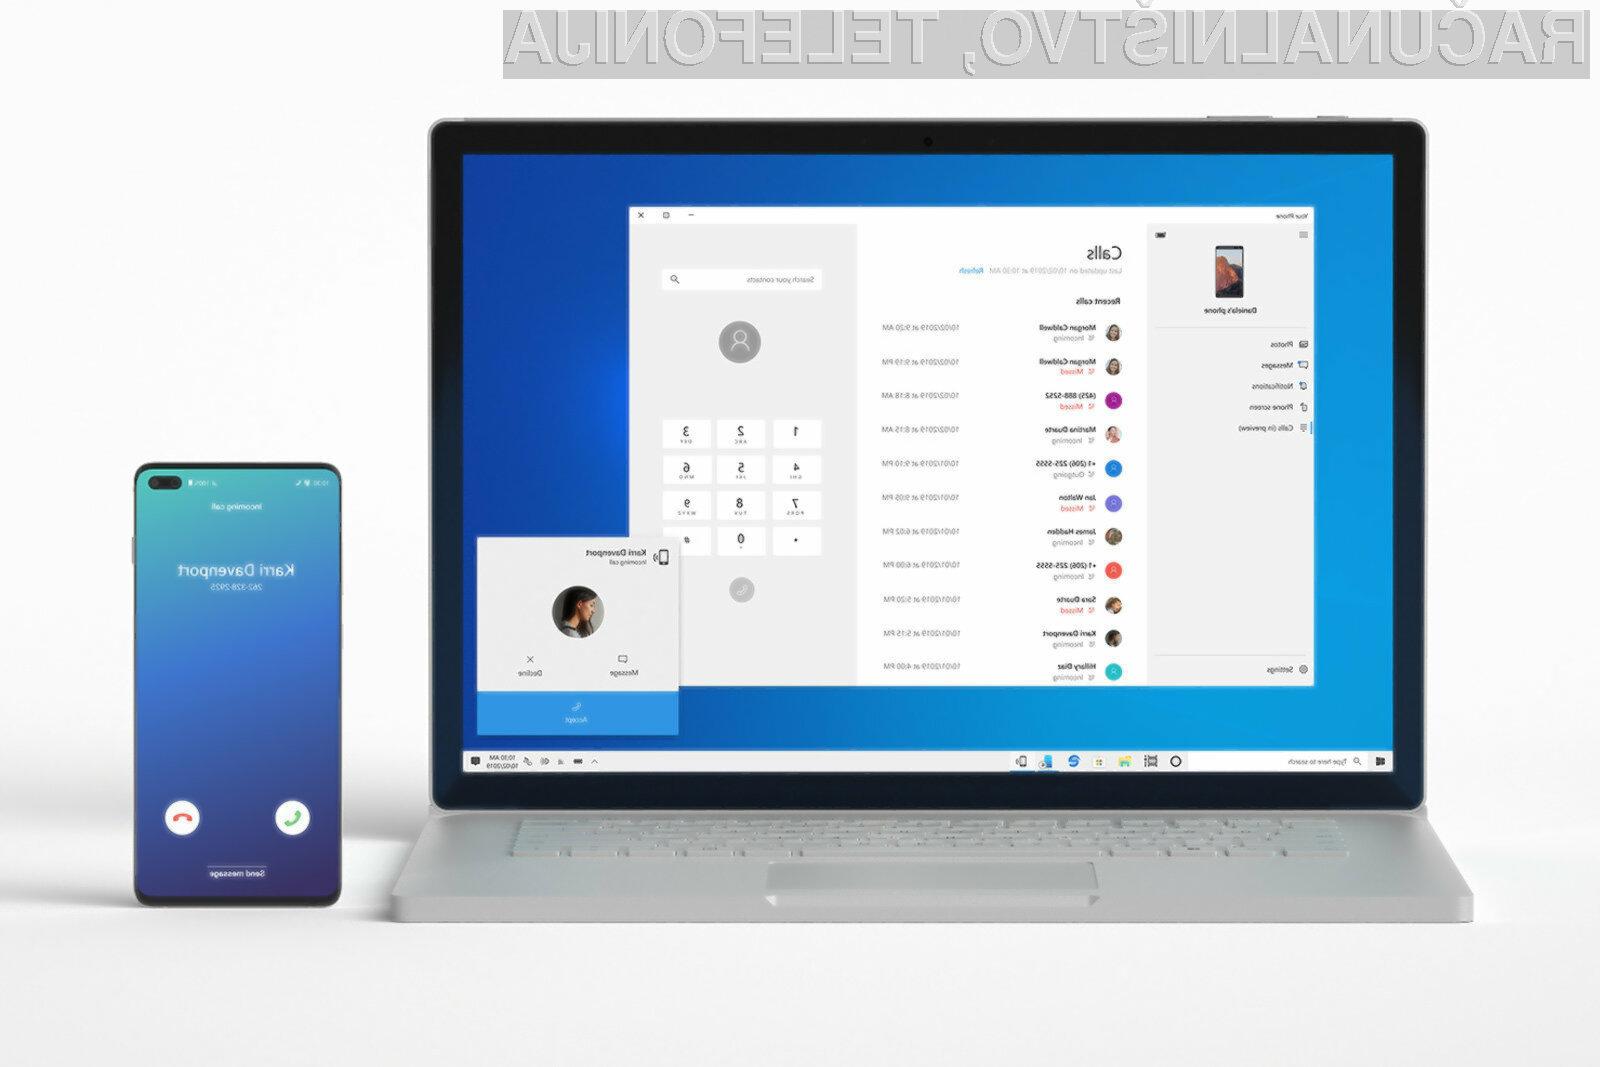 Novi Windows 10 bo še bolj povezan z mobilnimi napravami Android.